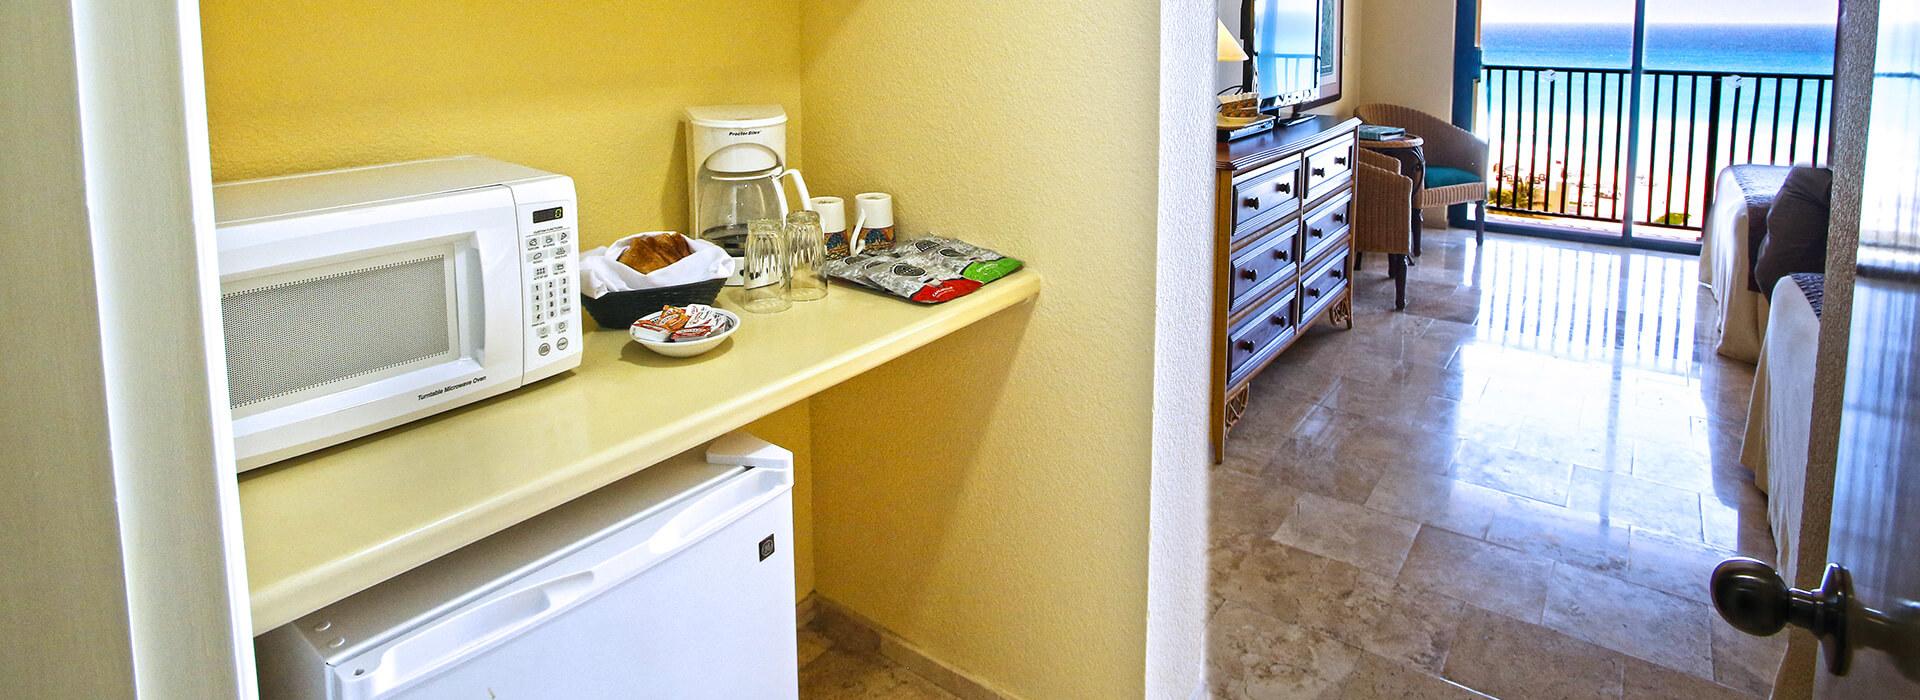 Junior Suite con vista al mar y cocineta equipada en nuestro resort Todo Incluido en Cancun